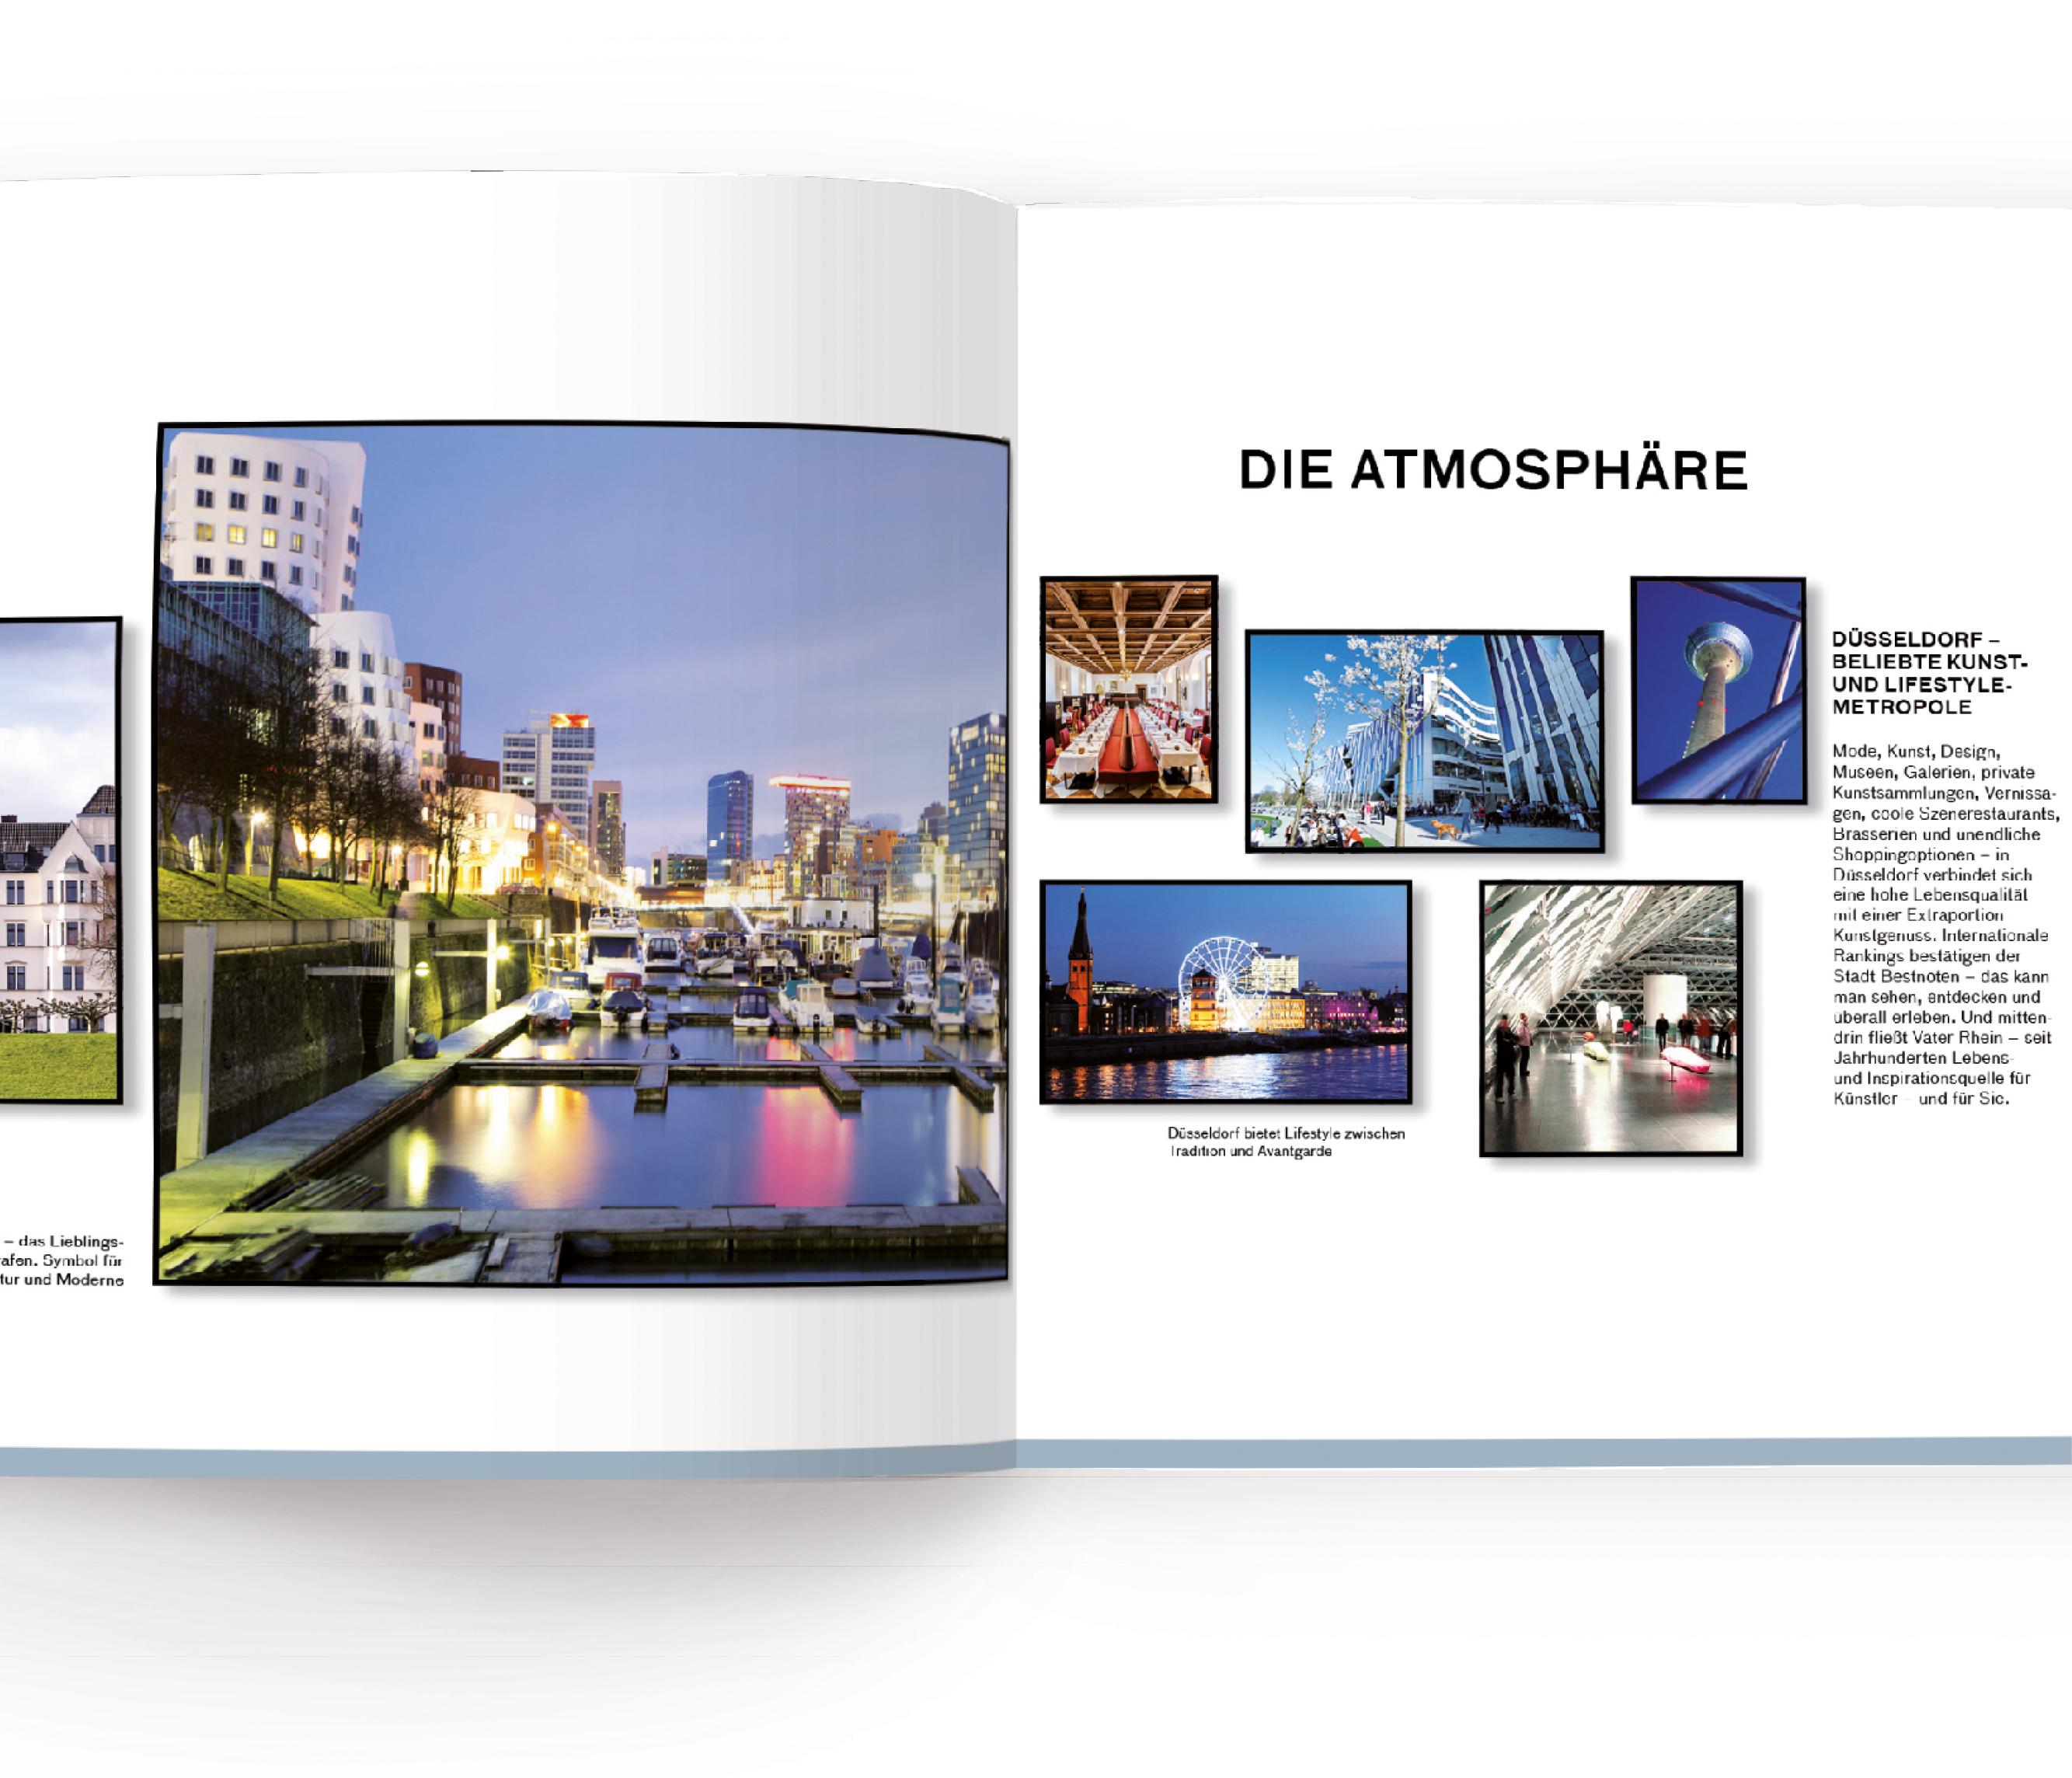 Innenseiten des Vermarktungsexposés für das Standortmarketingkonzept für das Wohnquartier Rhein VII in Düsseldorf